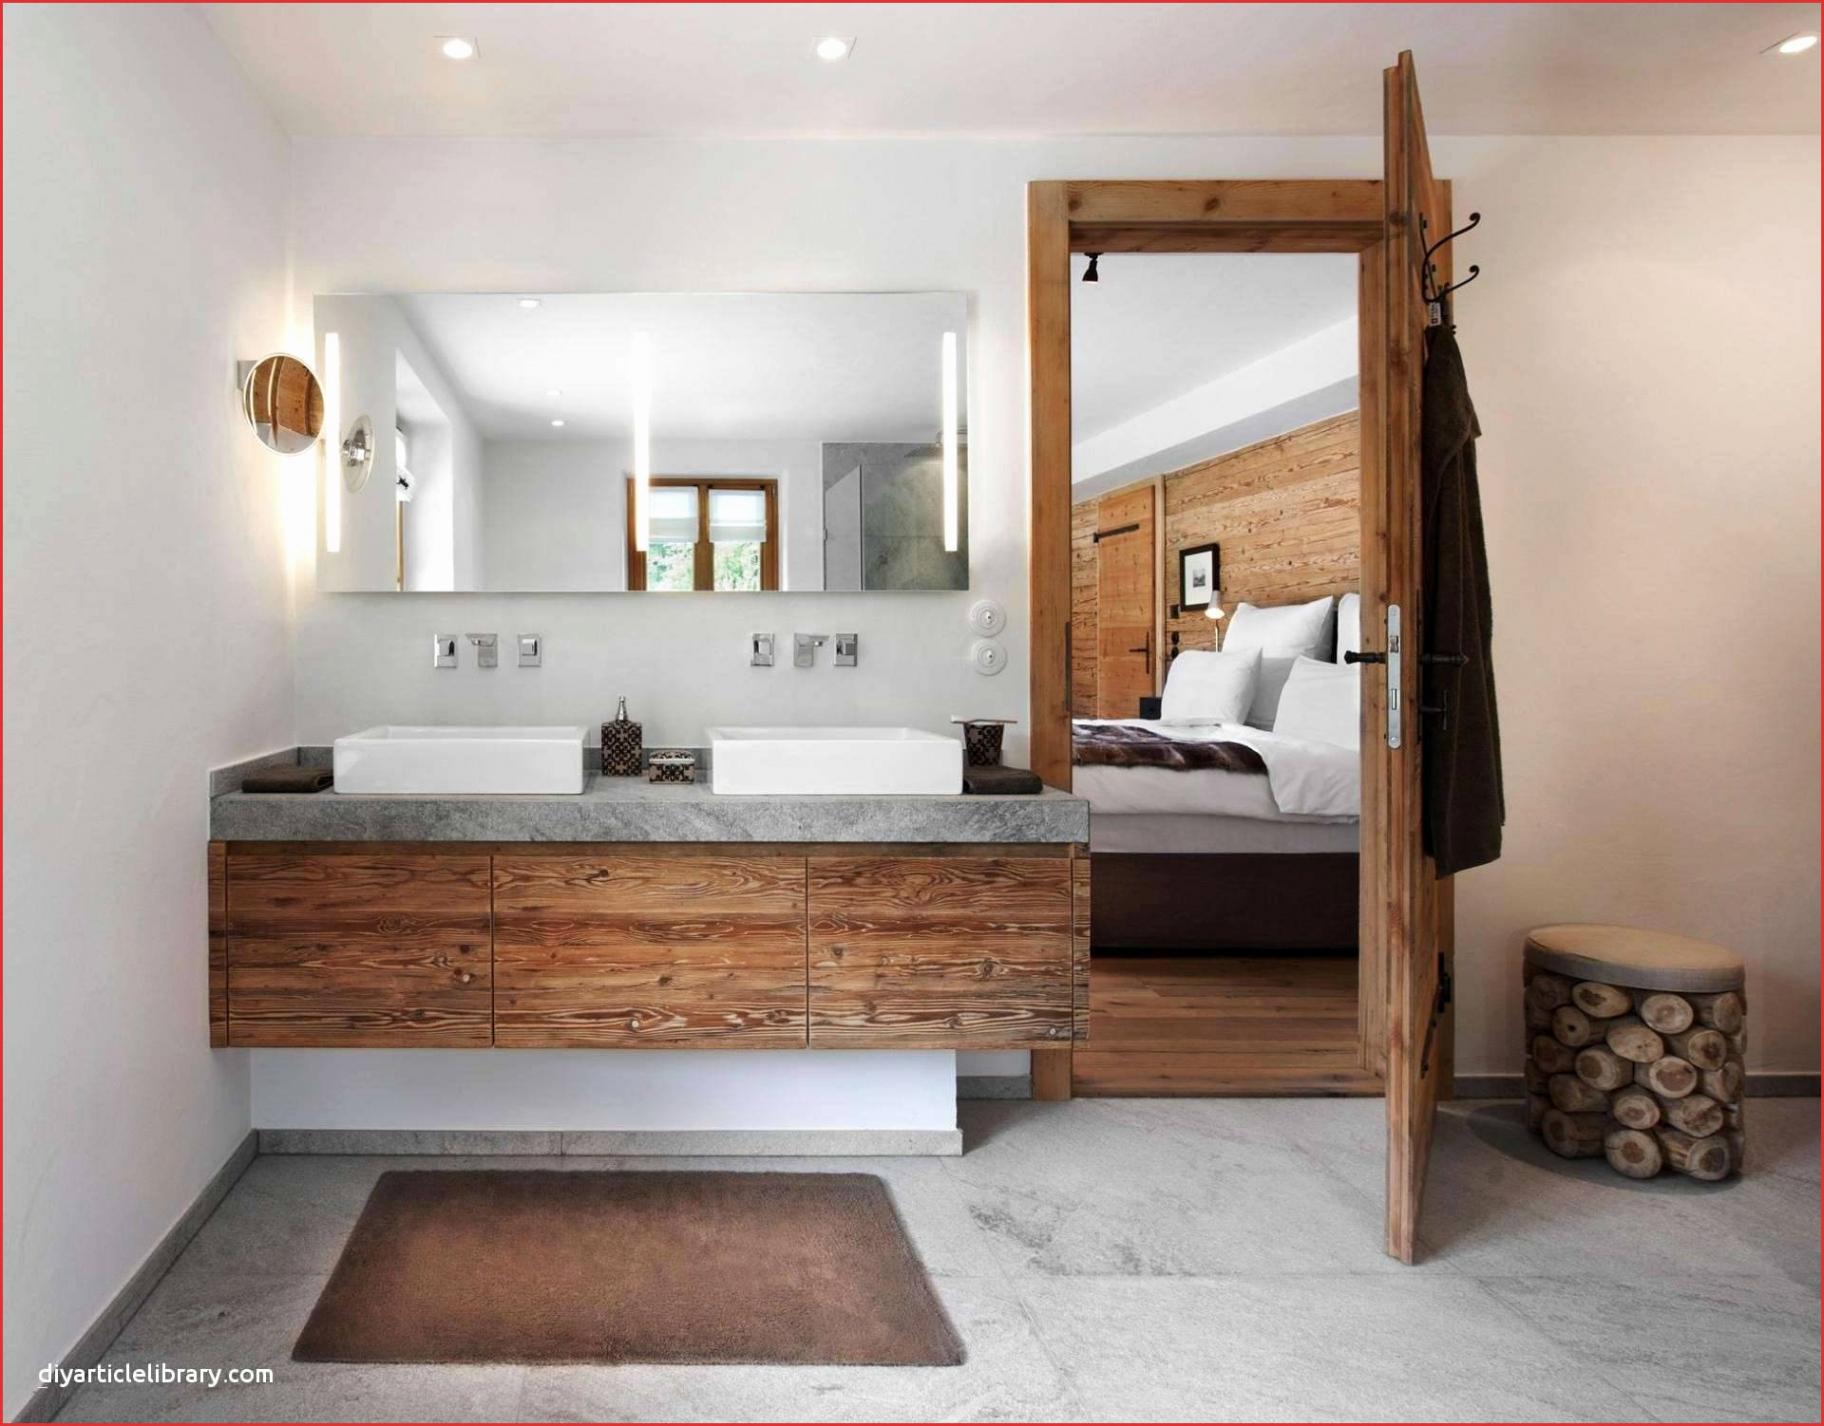 badezimmer holzoptik das beste von holz deko selber machen schon holz im bad holz im bad